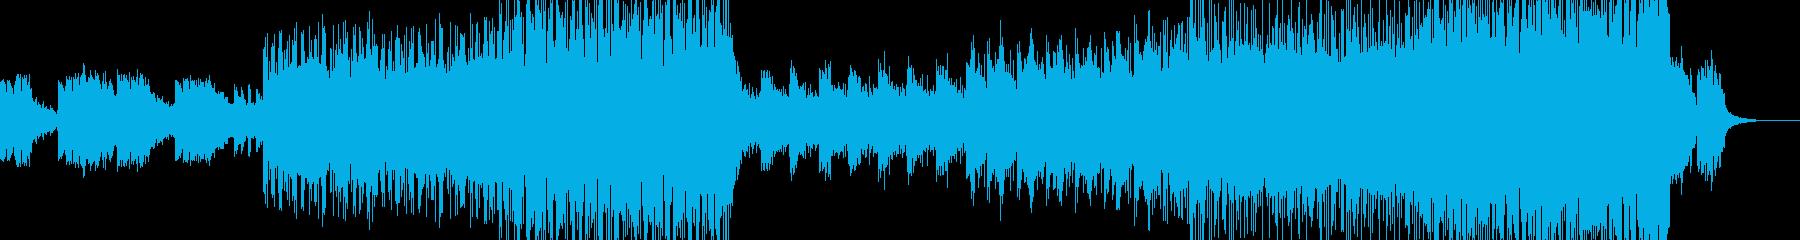 フューチャーポップ風BGMの再生済みの波形